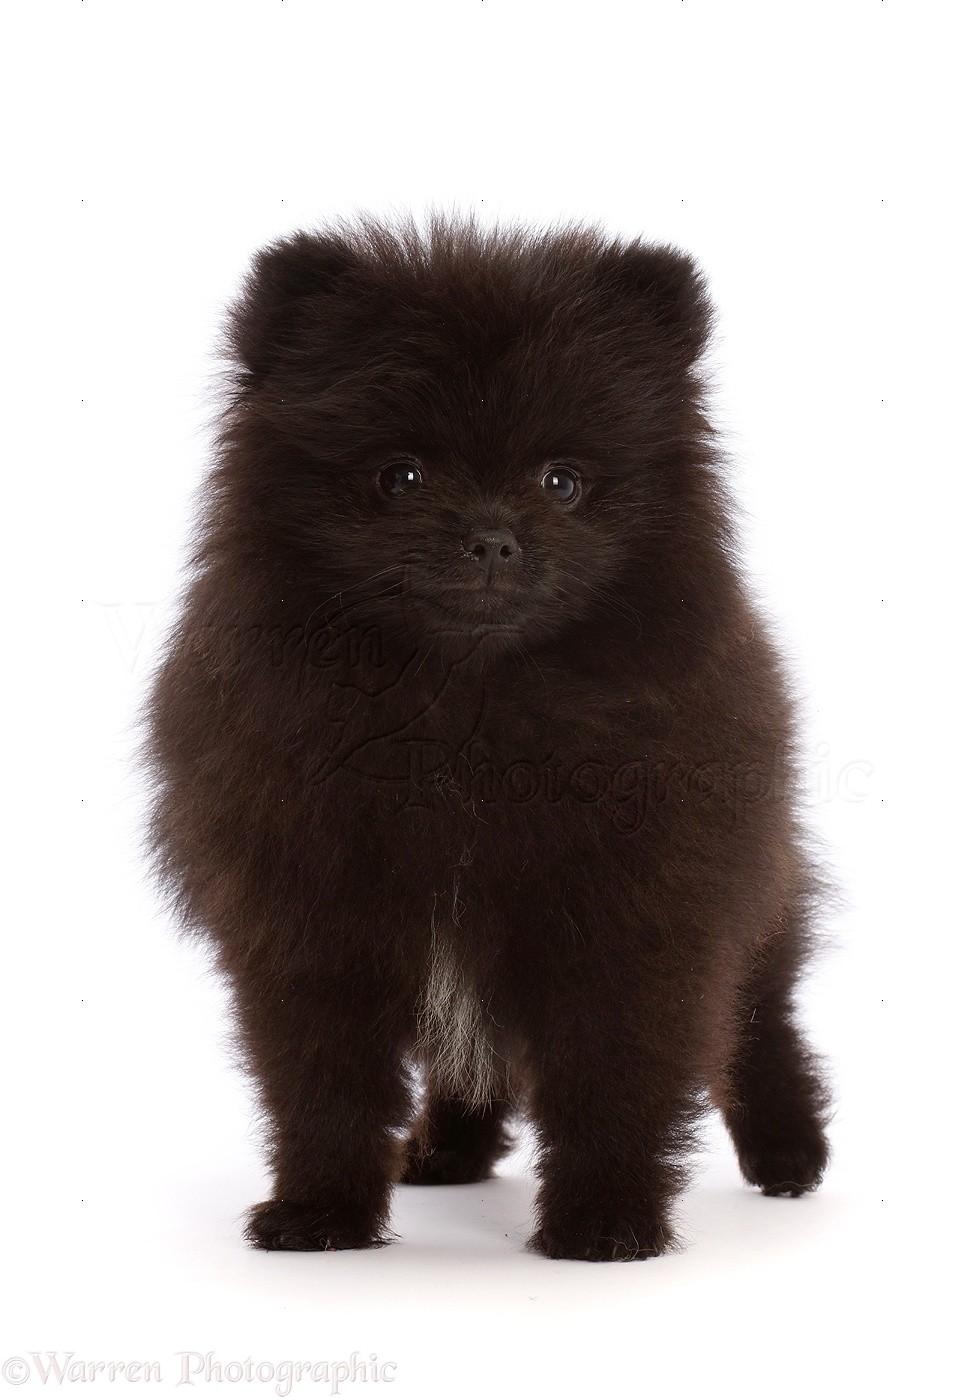 Dog Black Pomeranian Puppy 10 Weeks Old Photo Wp48488